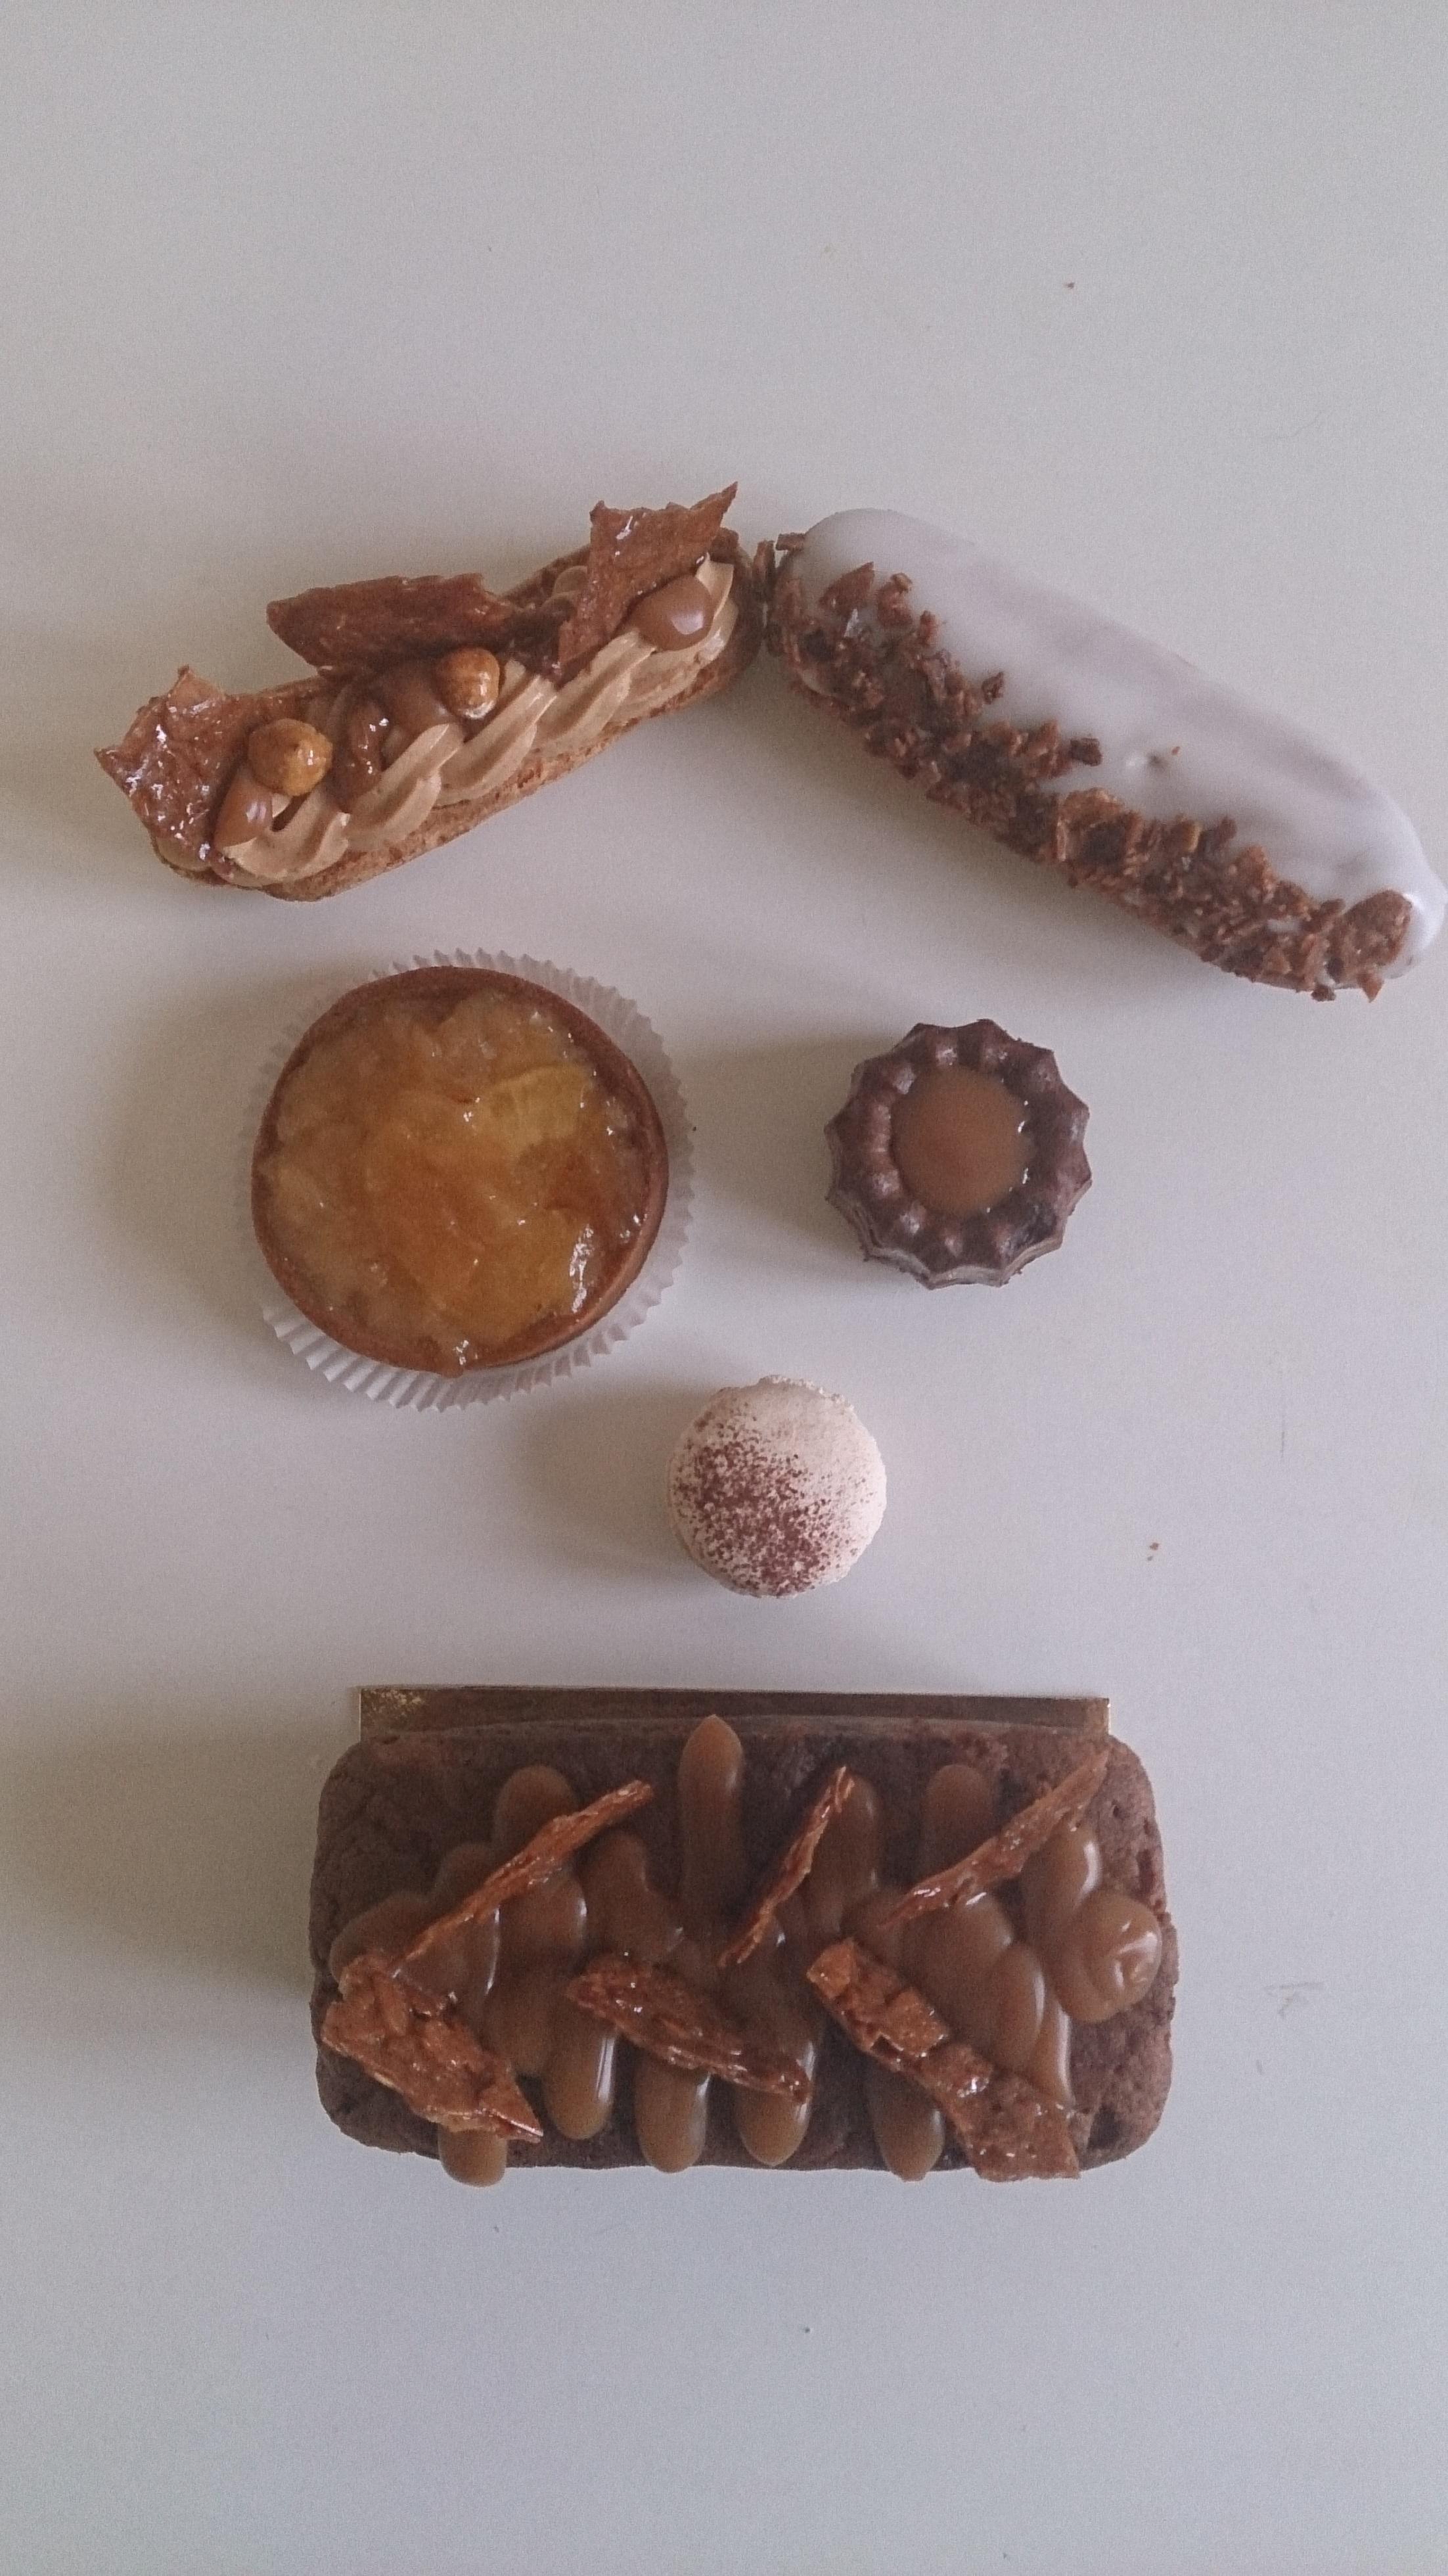 1-boulangerie-maison-le-jean-caudan-groix-lorient-morbihan-bretagne-sud-10498-10498-13625